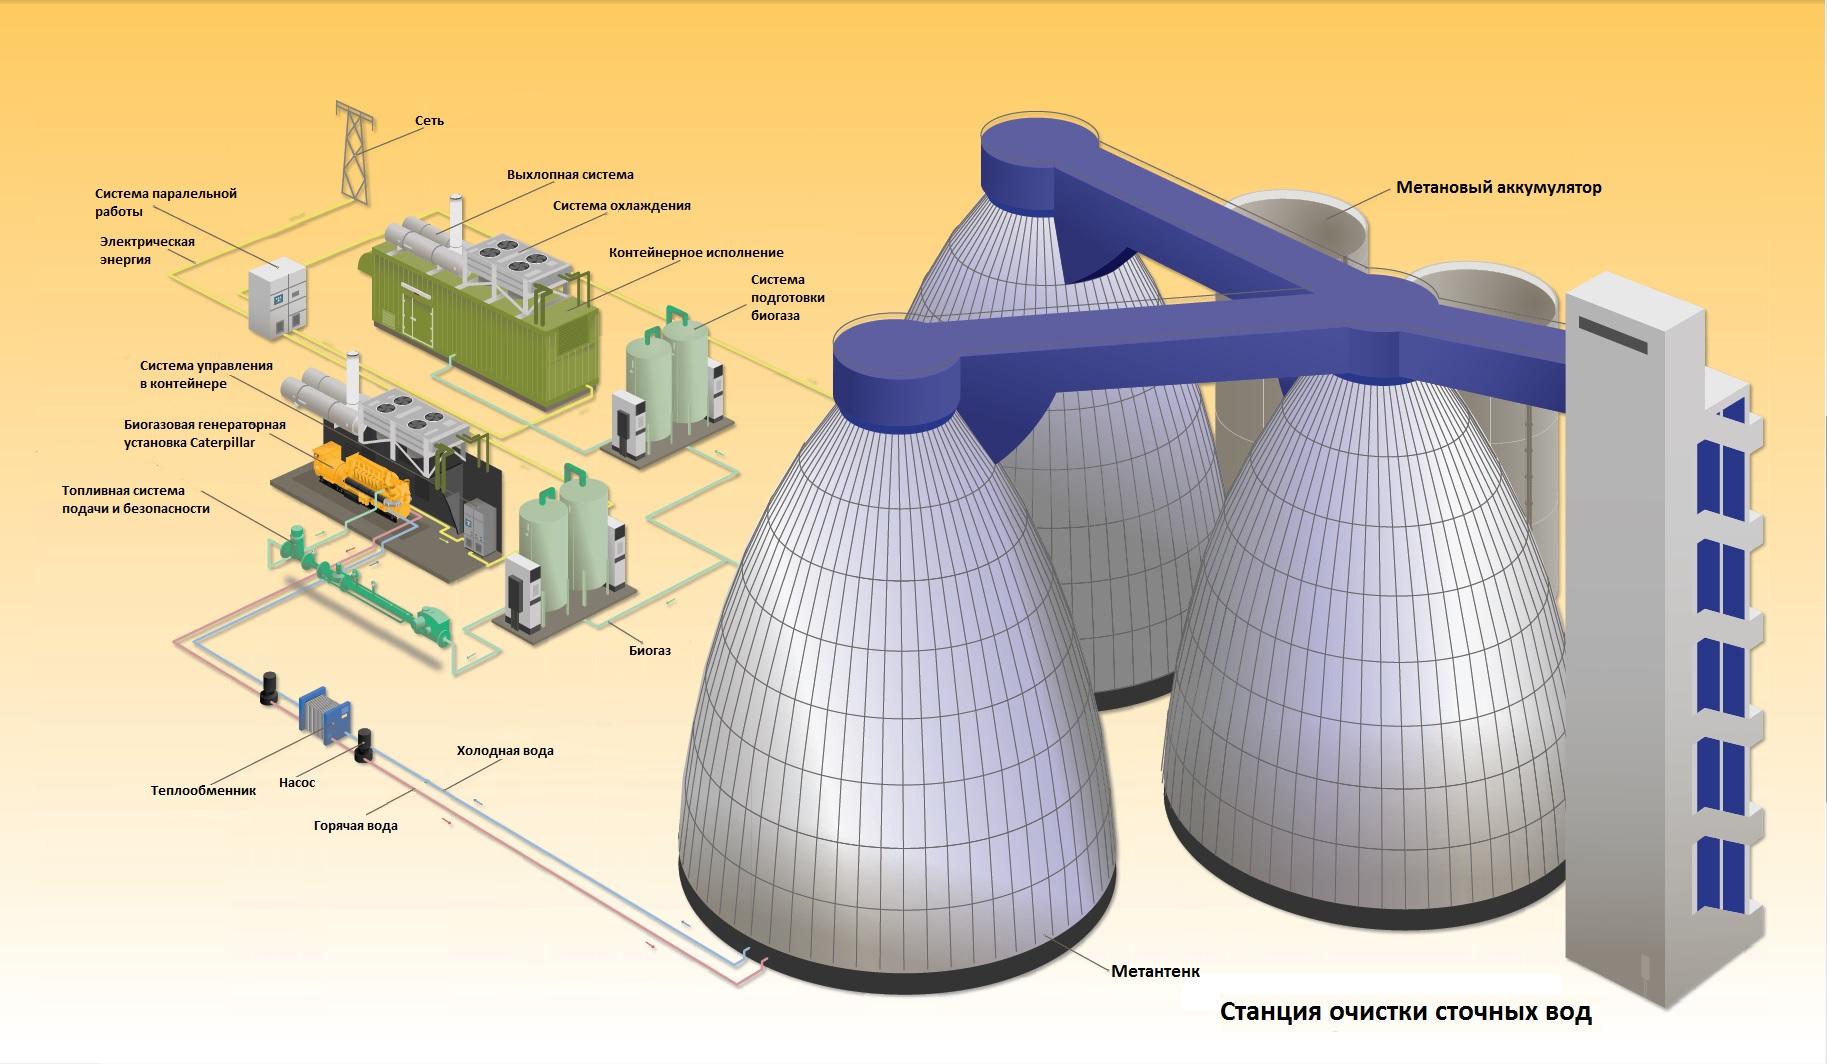 Биогаз своими руками: газ из навоза в домашних условиях, установка для фермерского хозяйства, видео как получить метан